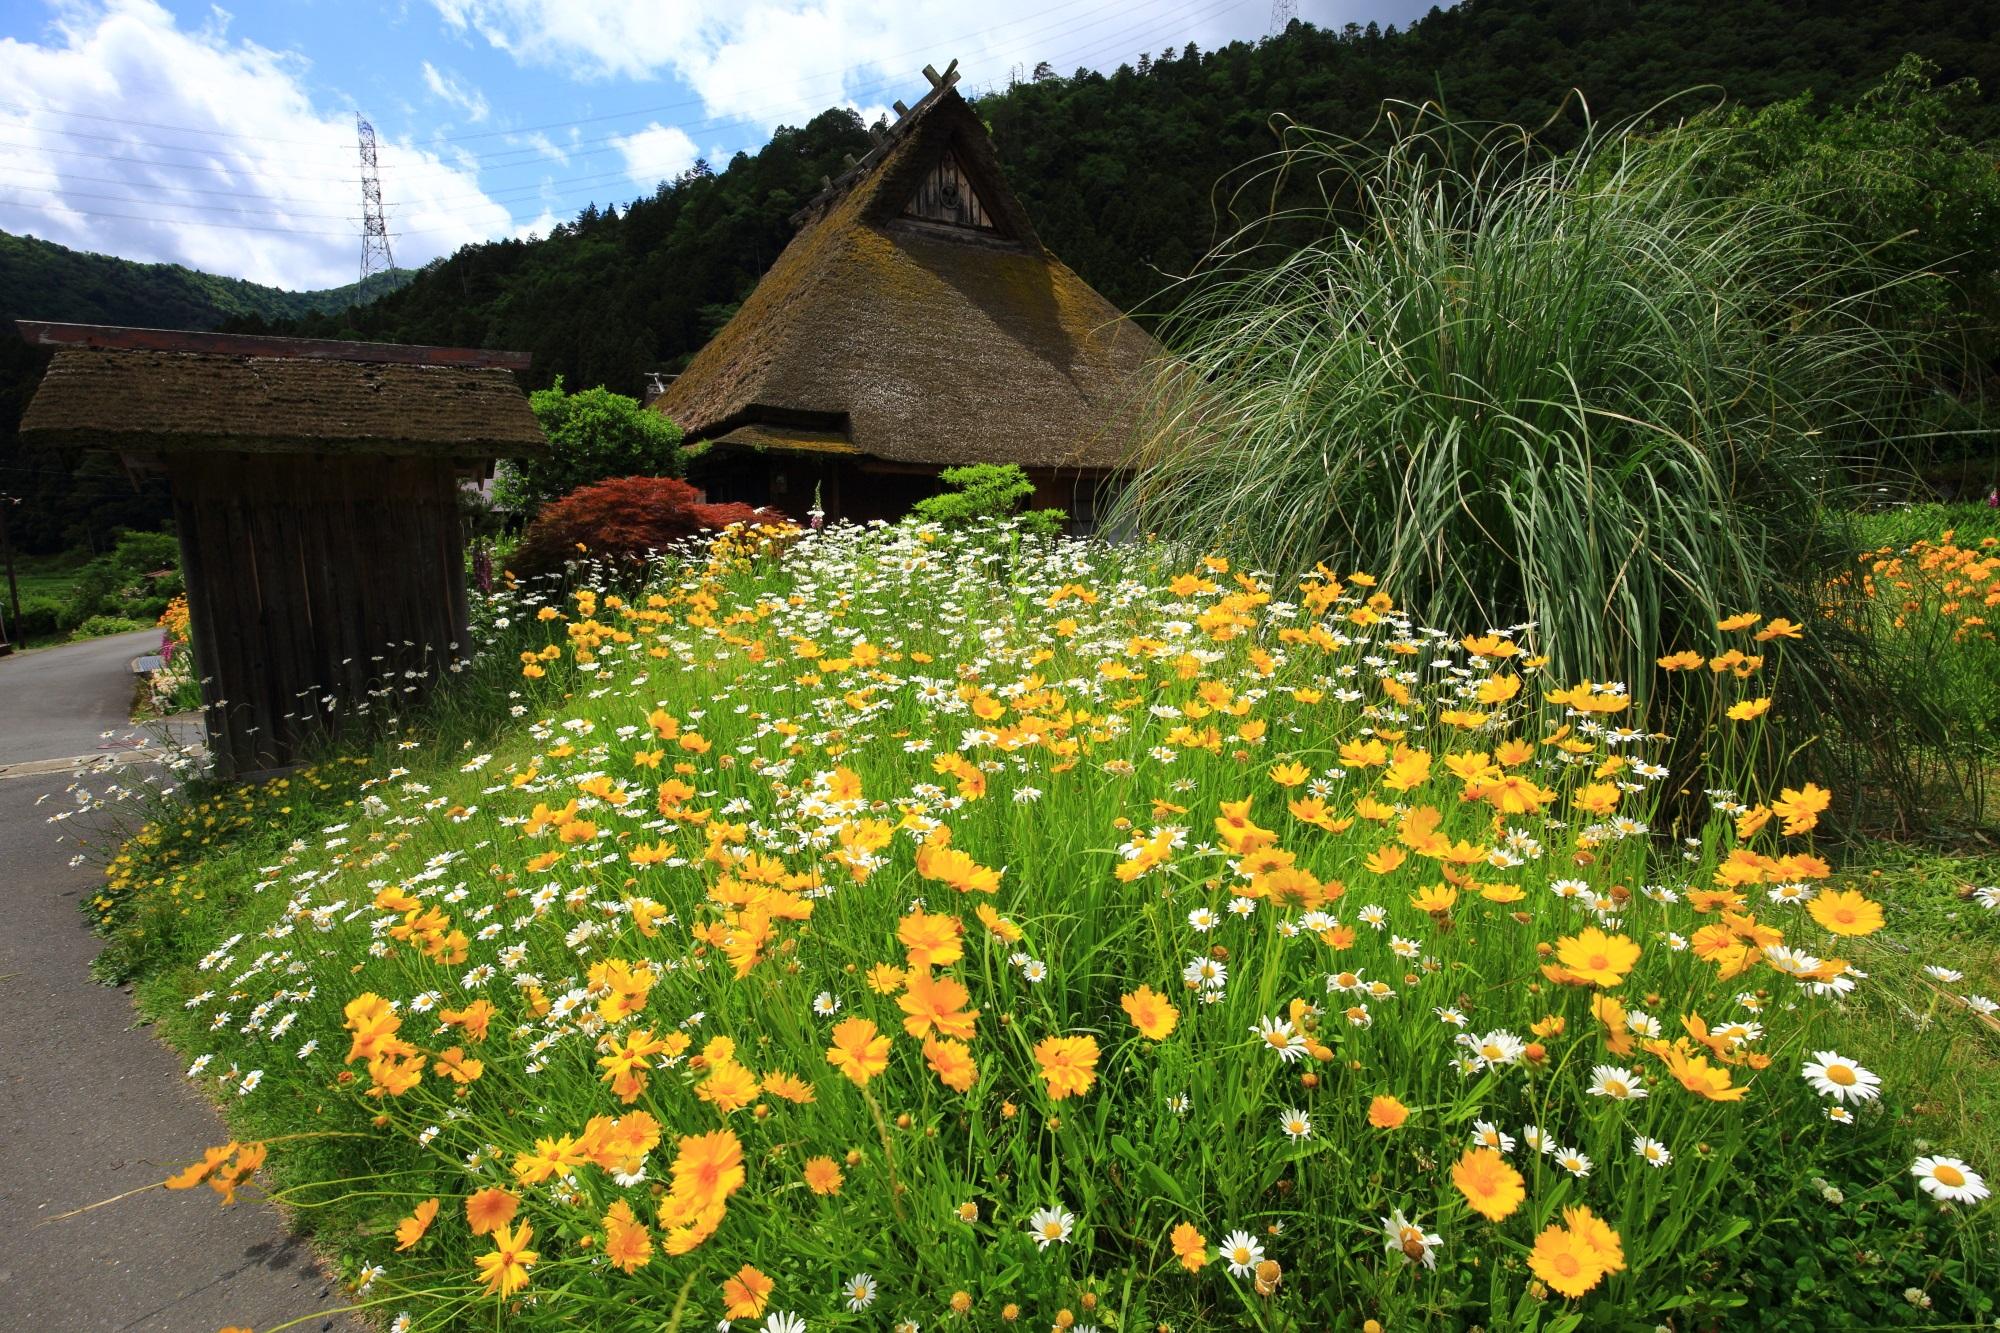 やはりかやぶき屋根が絵になる華やかな白と黄色の花